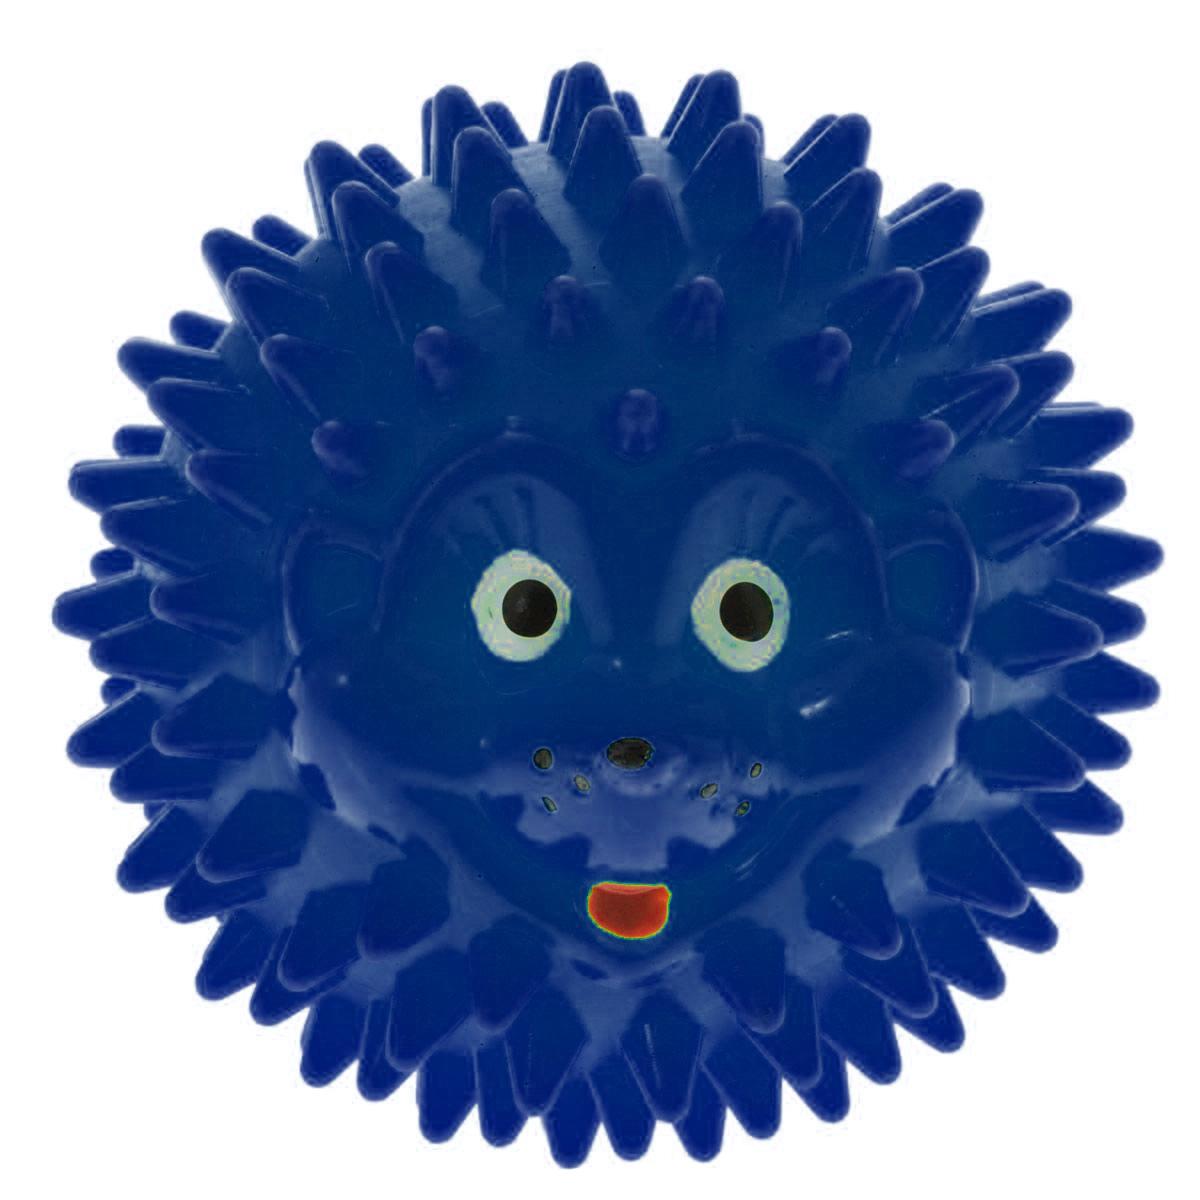 Массажер Дельтатерм Шарик-Ежик, цвет: синий, диаметр 50 ммNMSQ-215A-EUС помощью массажного мяча Шарик-Ежик можно самостоятельно проводить мягкий массаж ладоней, стоп и всего тела. Такой массаж способствует повышению кожно-мышечного тонуса, уменьшению венозного застоя и ускорению капиллярного кровотока, улучшению функционирования периферической и центральной нервных систем. Идеально подходит для проведения массажа у маленьких детей. Развивает мышление, координацию движений и совершенствует моторику нежных пальчиков малыша и является интересной веселой игрушкой.